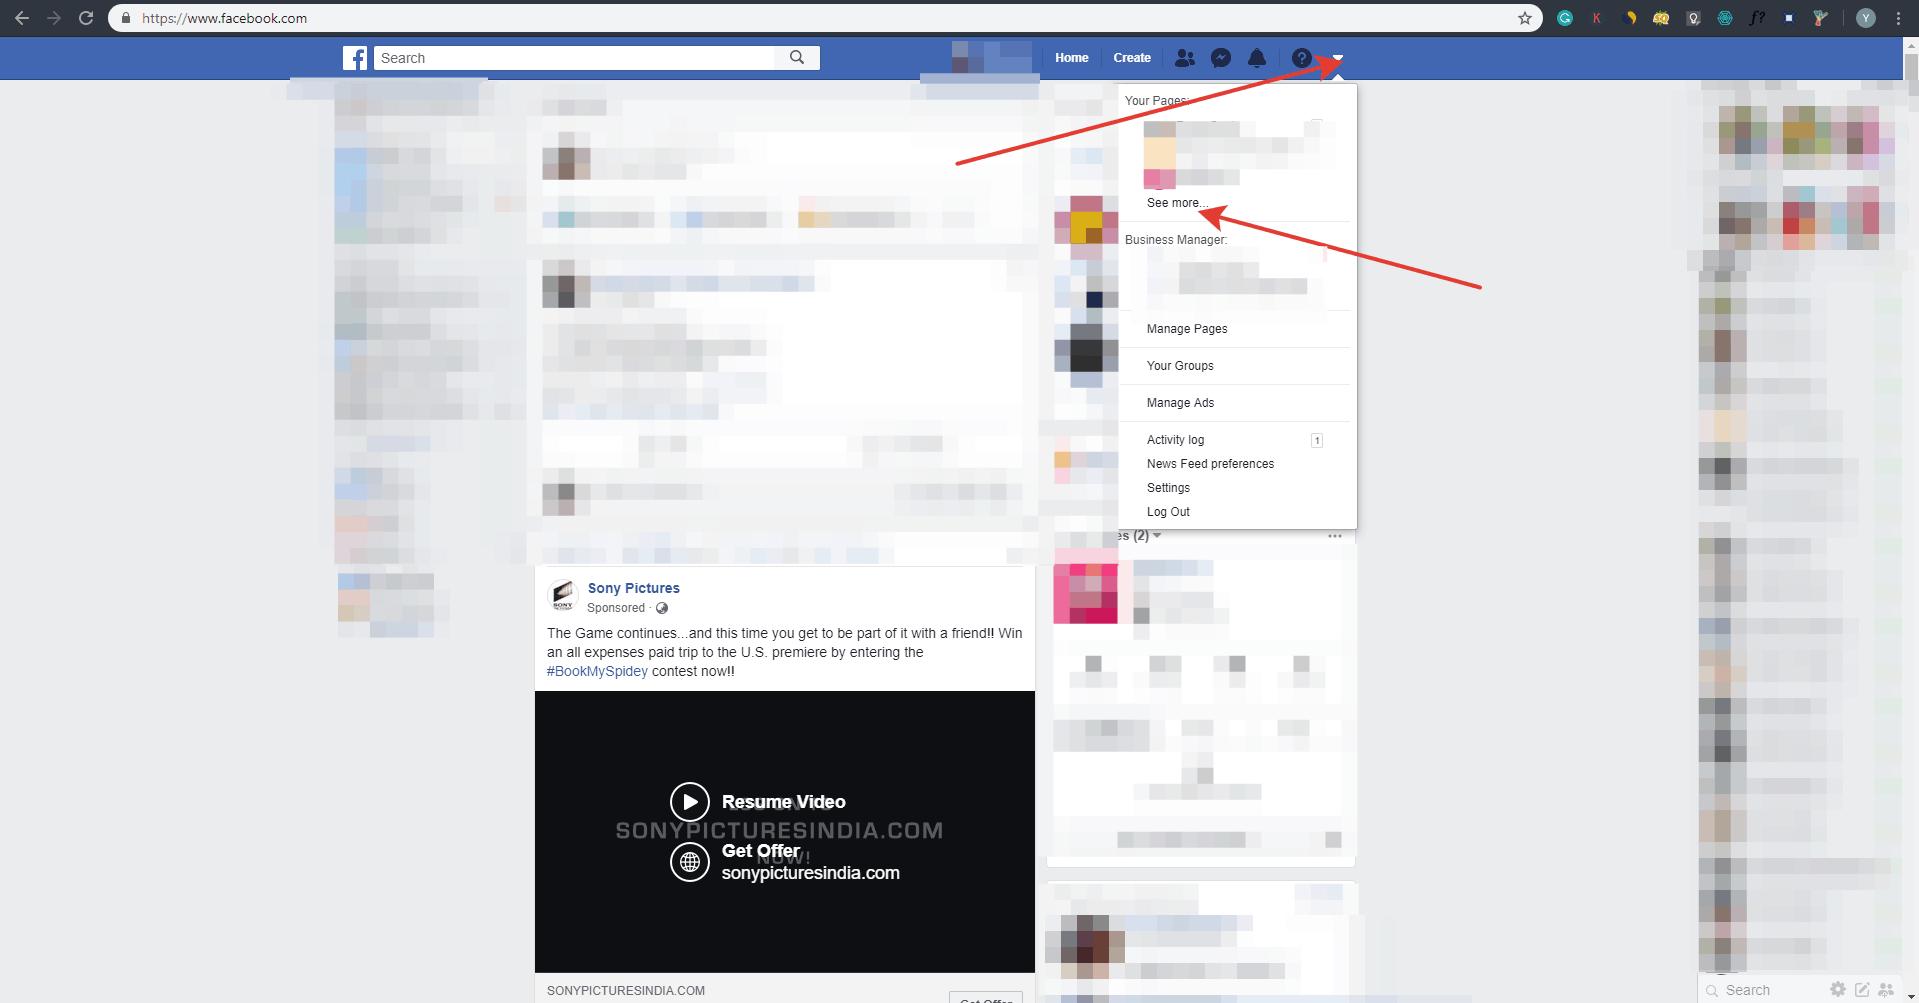 facebook_page_link_1